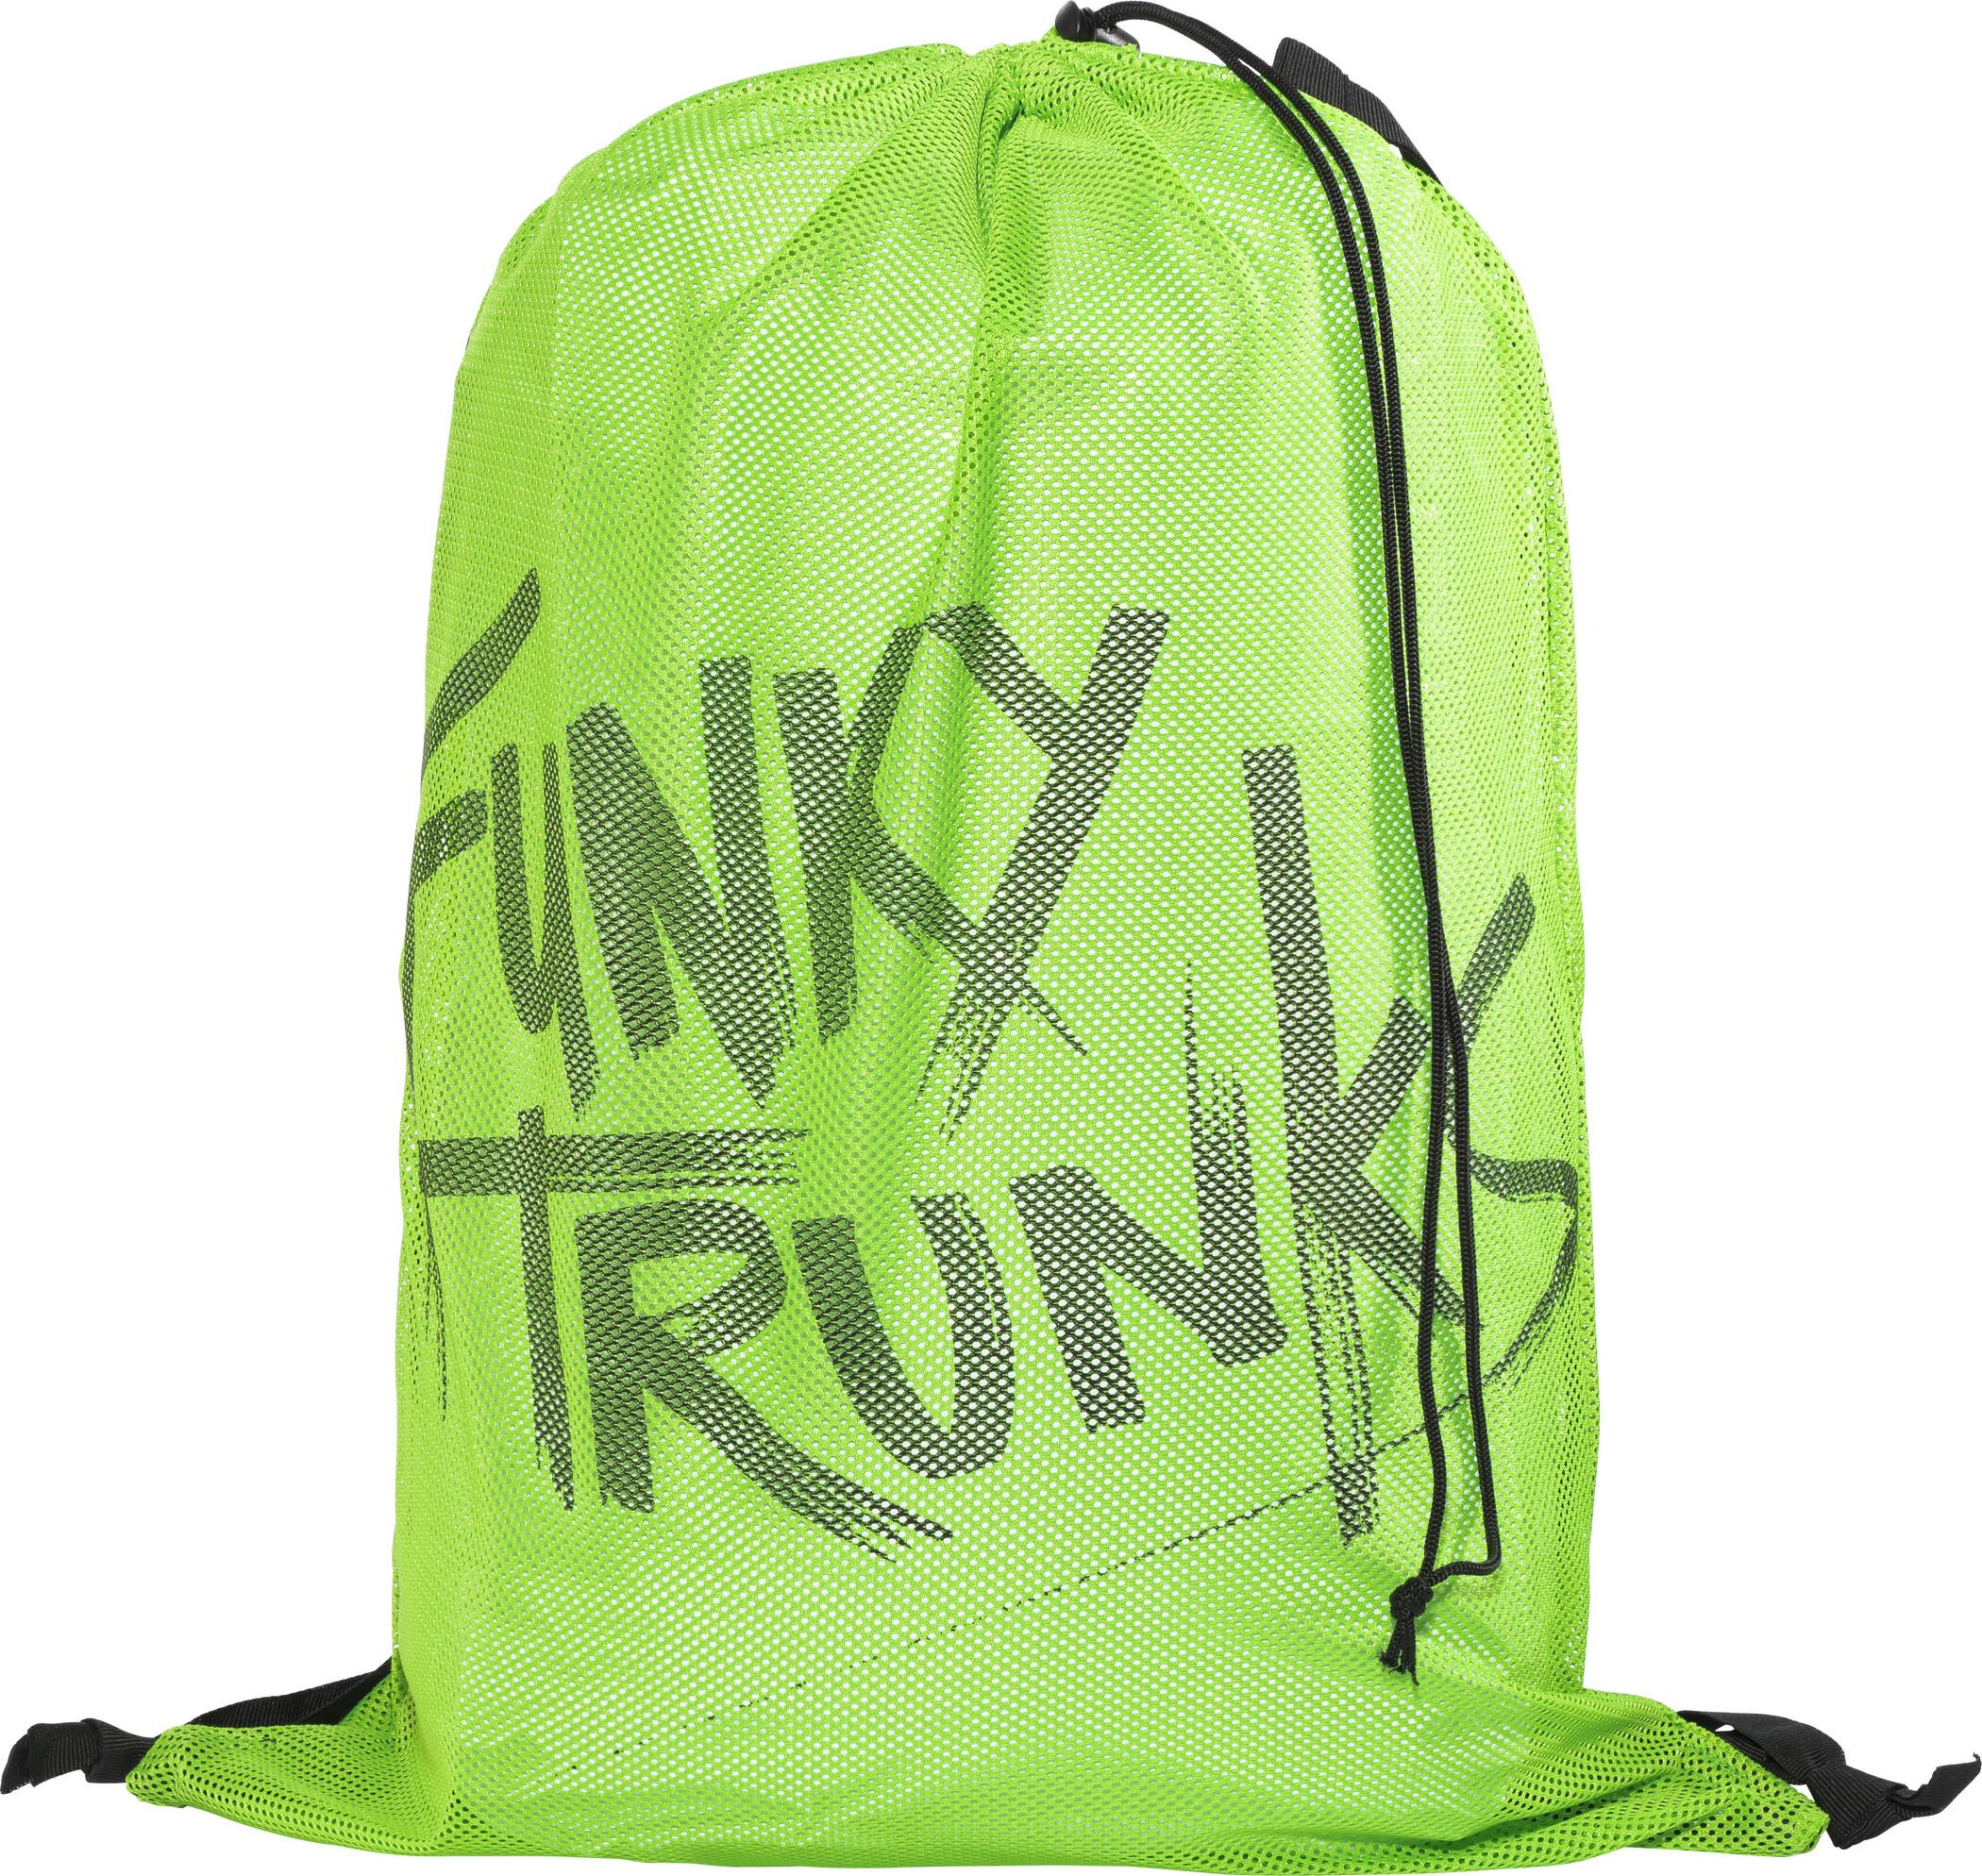 Funky Trunks Mesh Gear Bag, still brasil (2019) | Travel bags